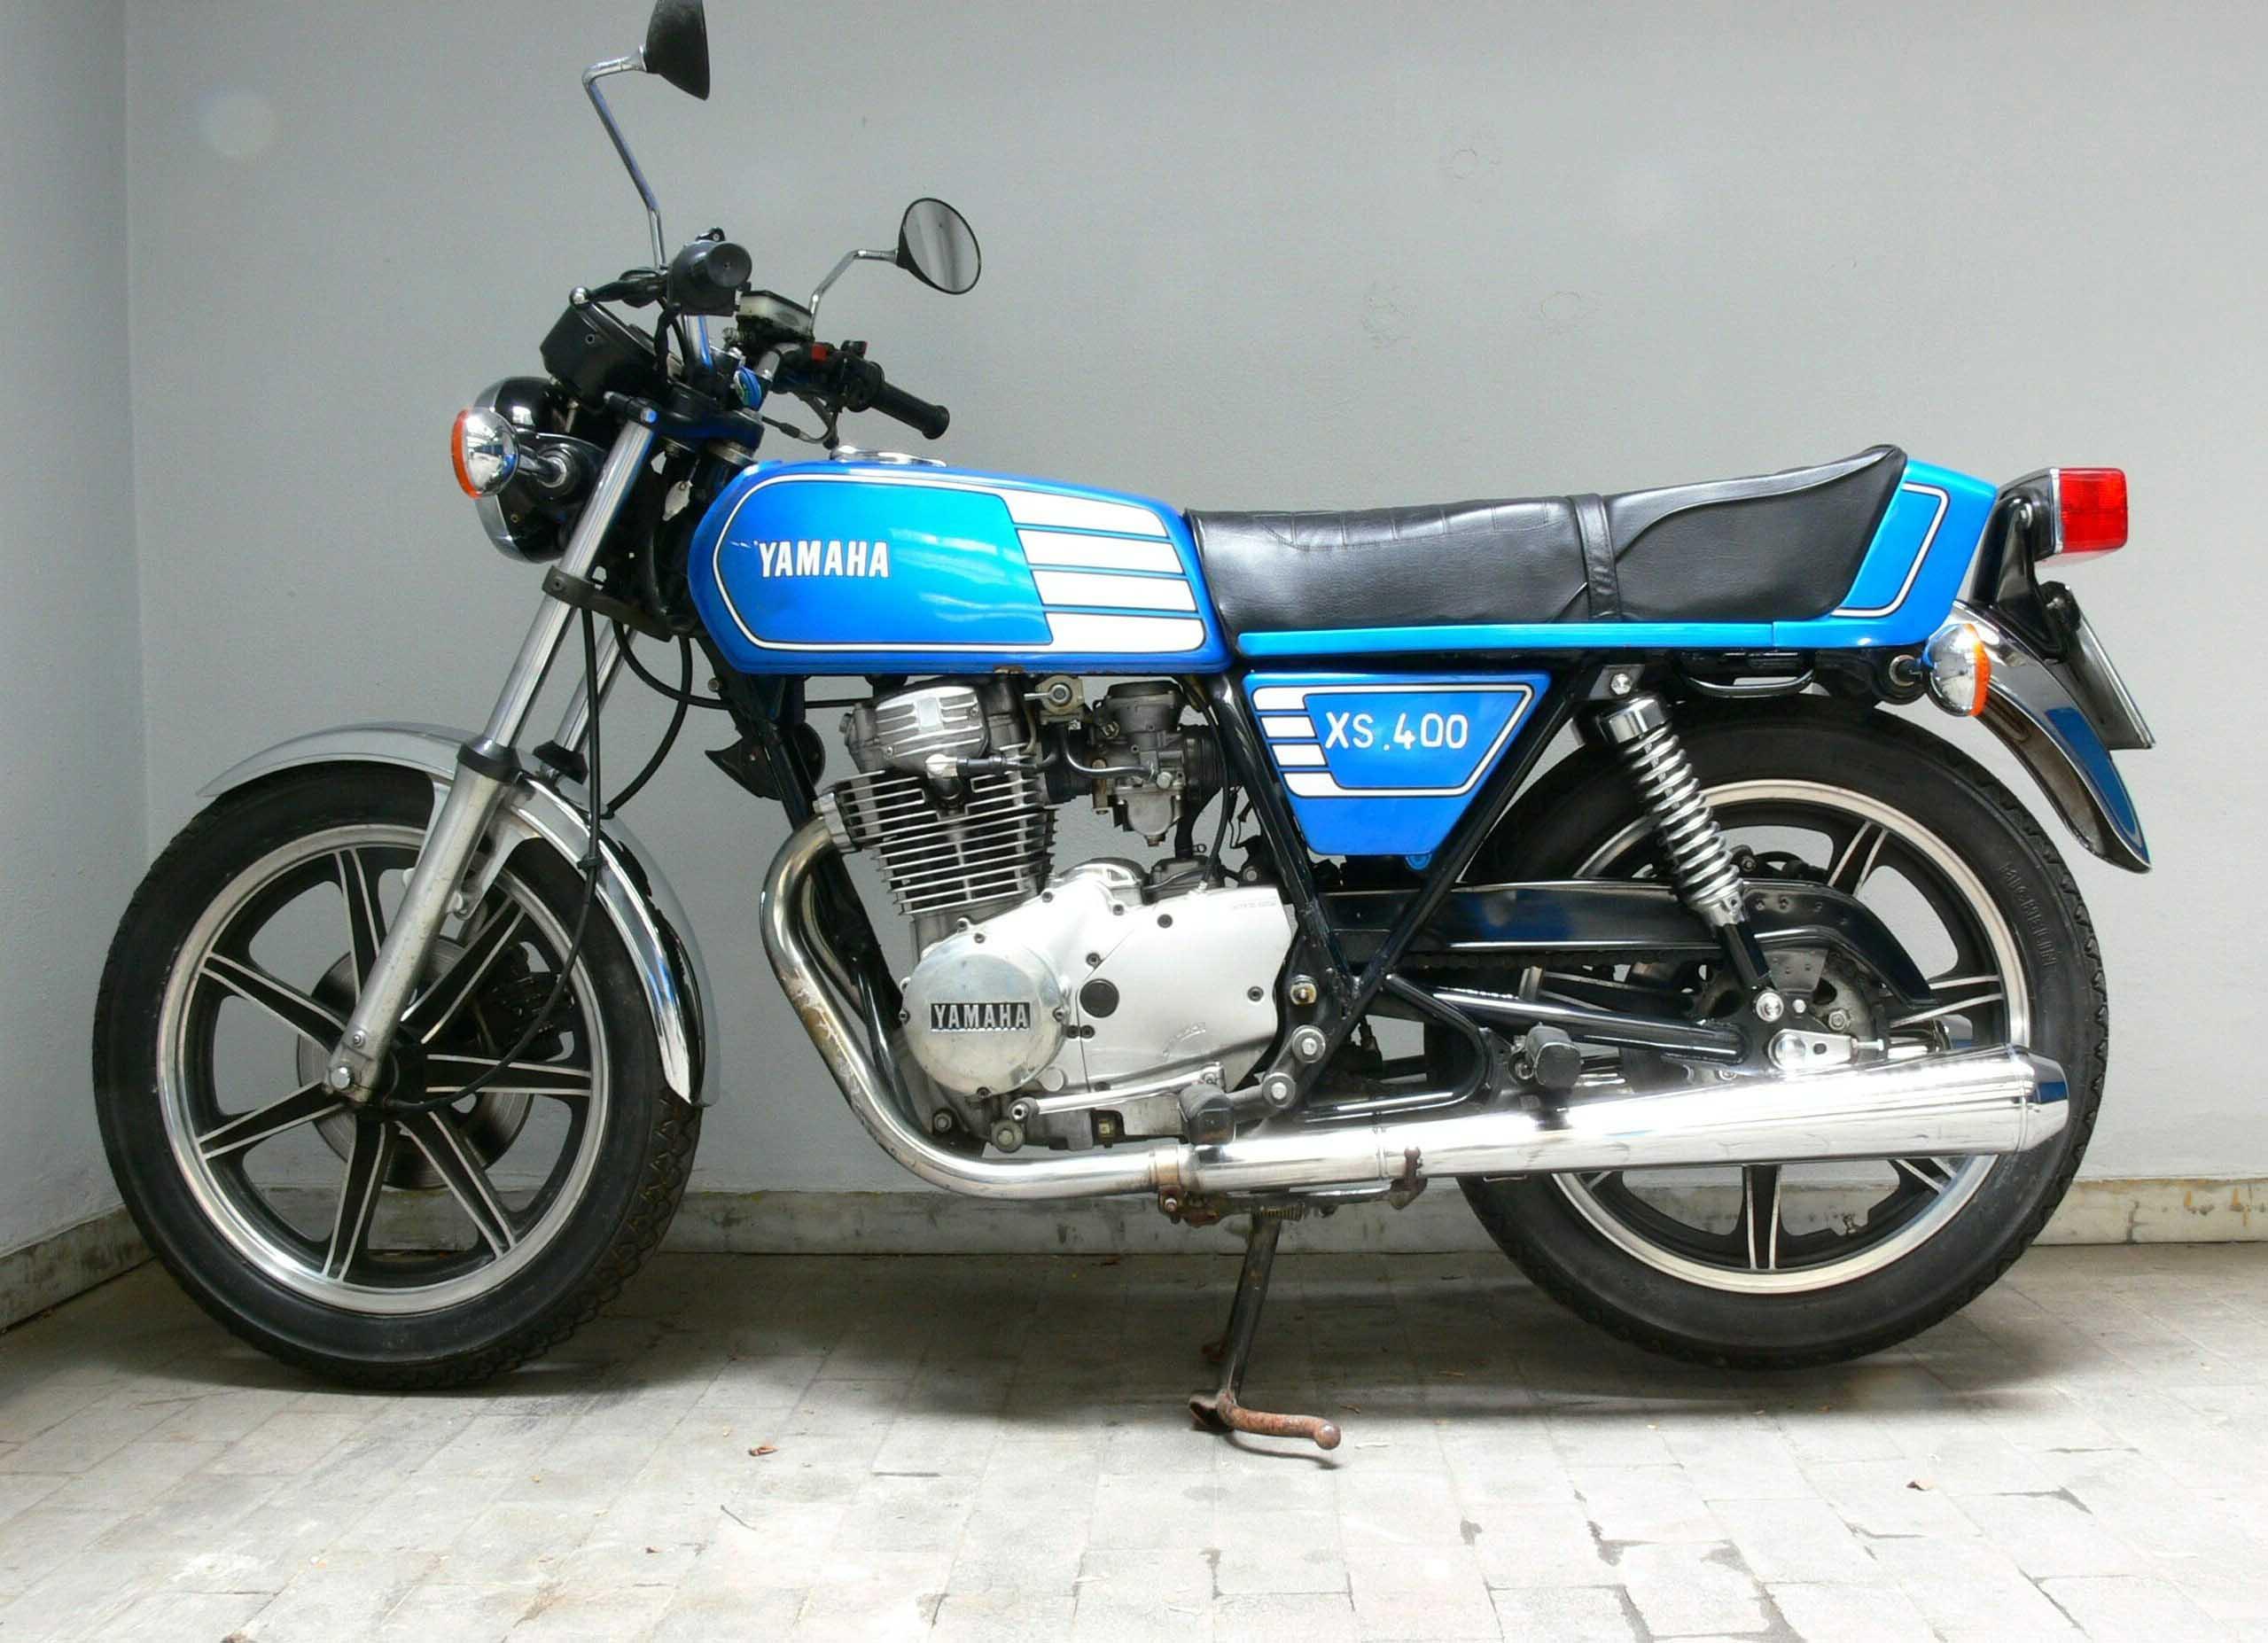 Yamaha XS 400 Foto & Bild   autos & zweiräder, motorräder